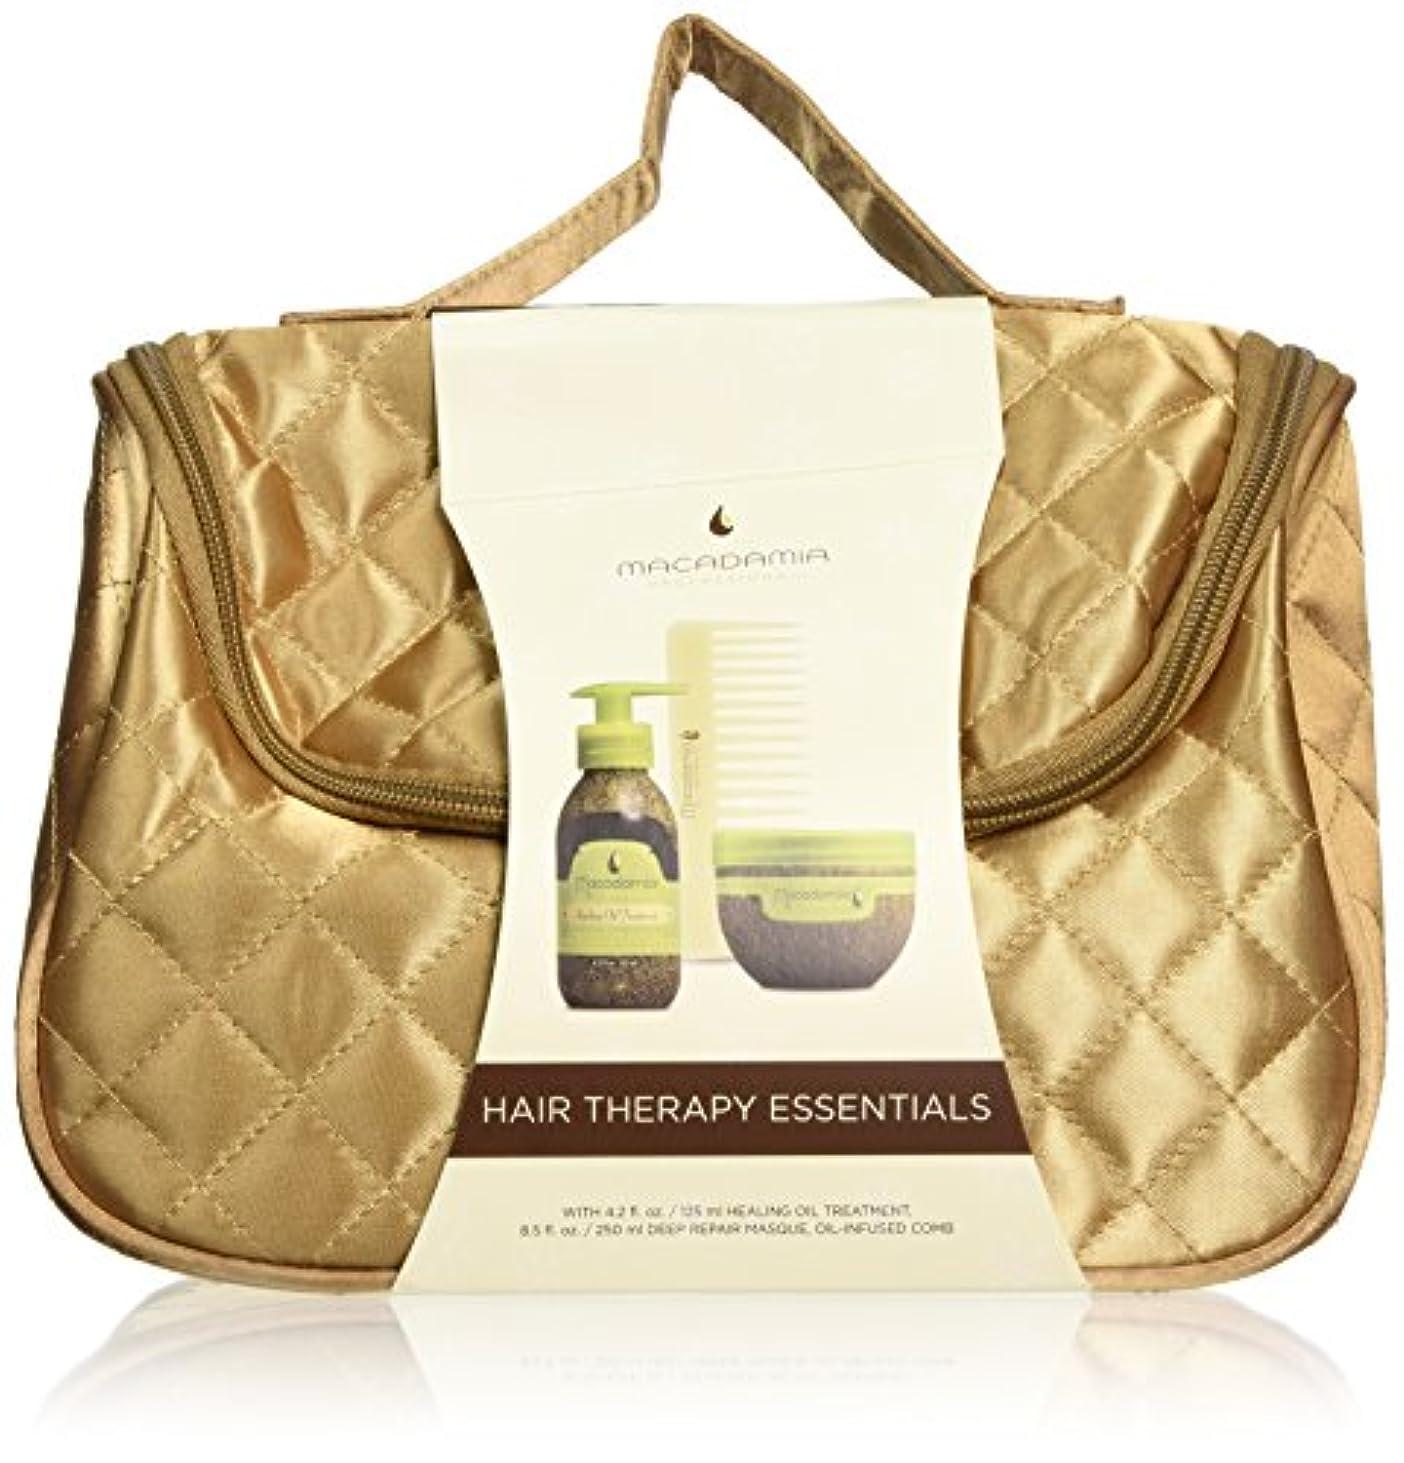 ロデオバランス踏みつけMACADAMIA Hair Therapy Essentials - Holiday Travel Bag (並行輸入品)